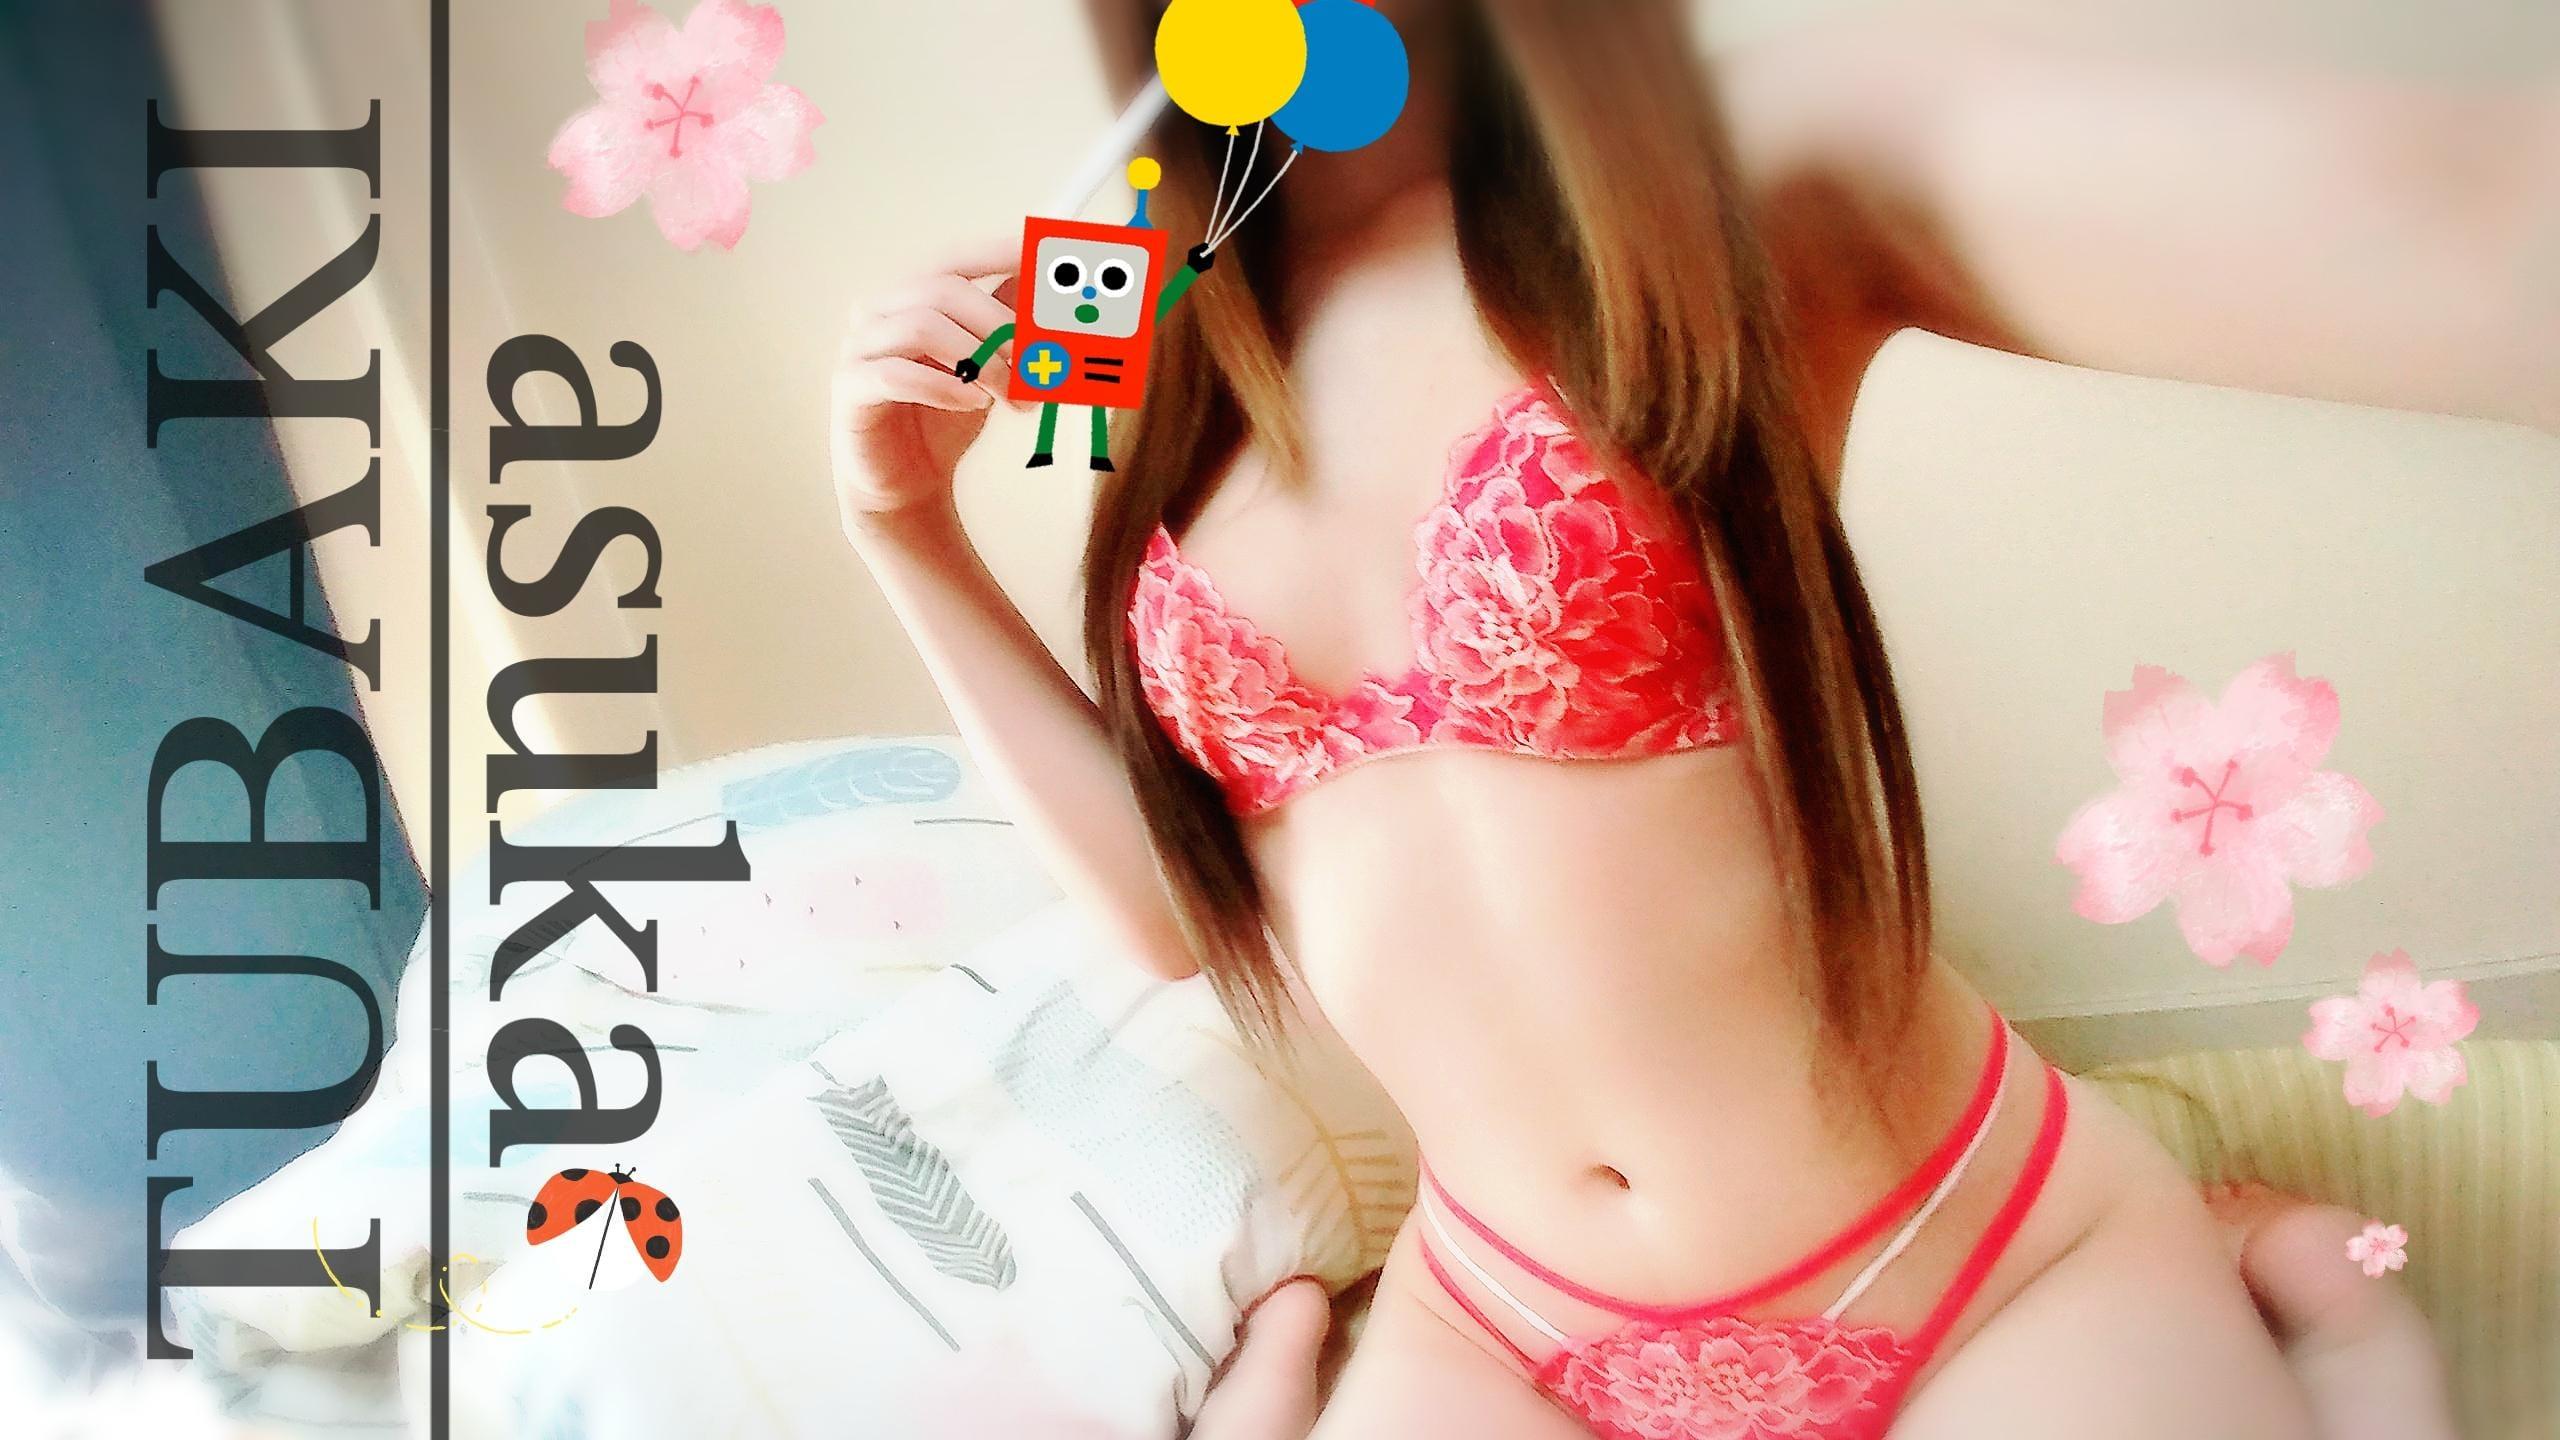 「あすか 新・回春マッサージ椿」12/08(12/08) 03:16   あすかの写メ・風俗動画